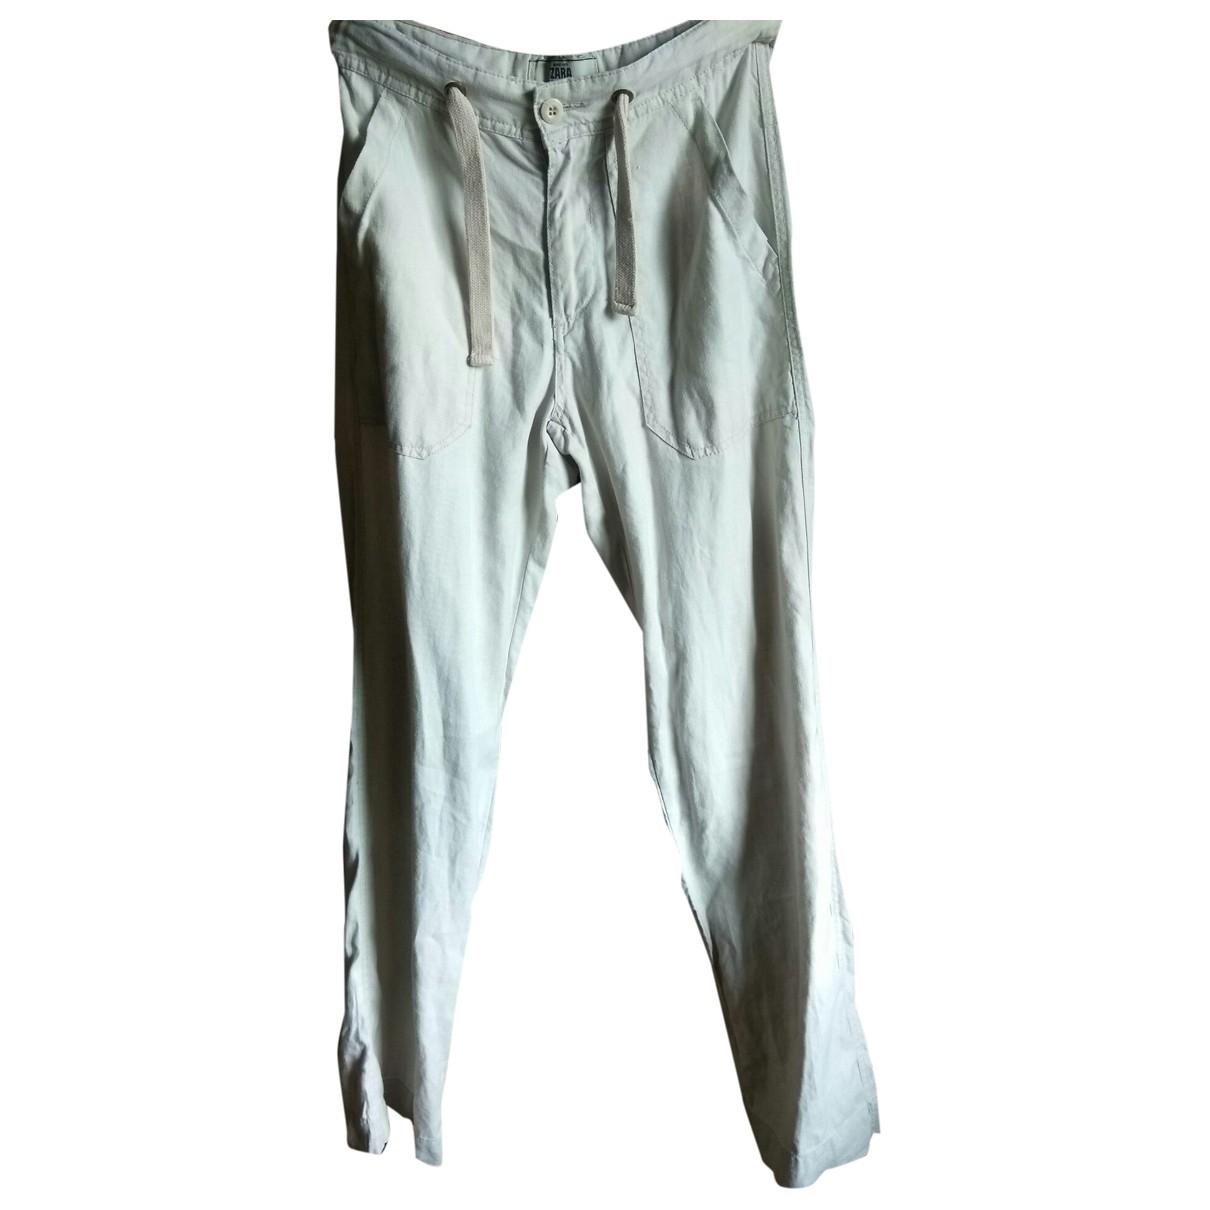 Zara \N Beige Linen Trousers for Women M International